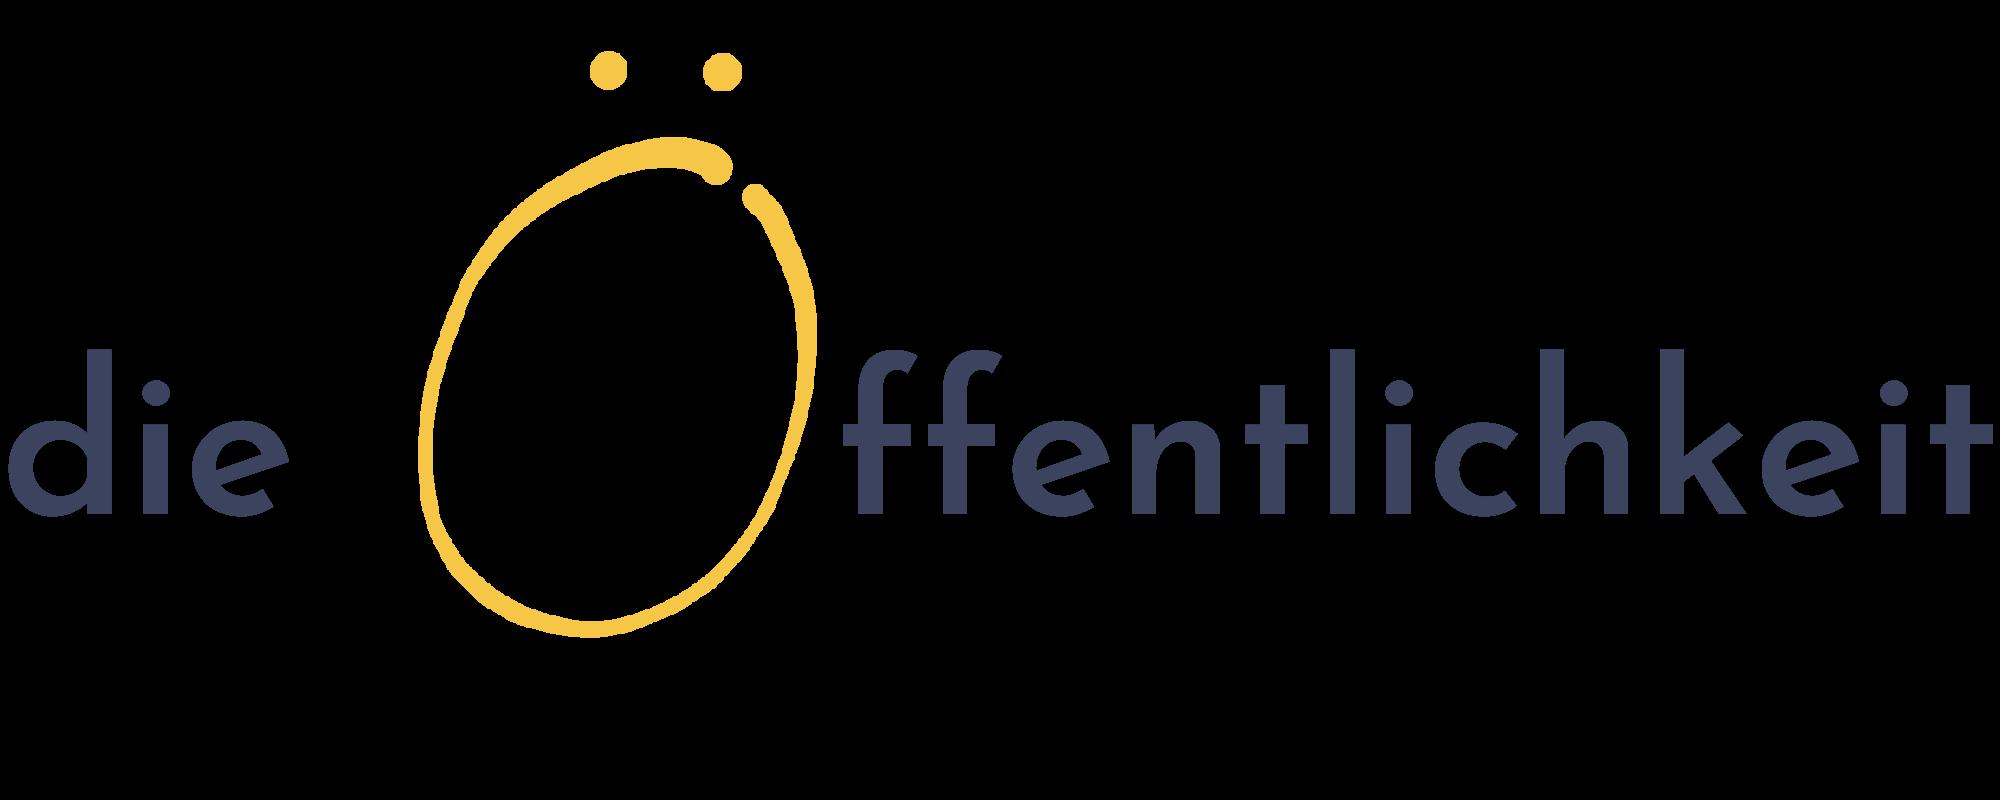 Logo - die Öffentlichkeit